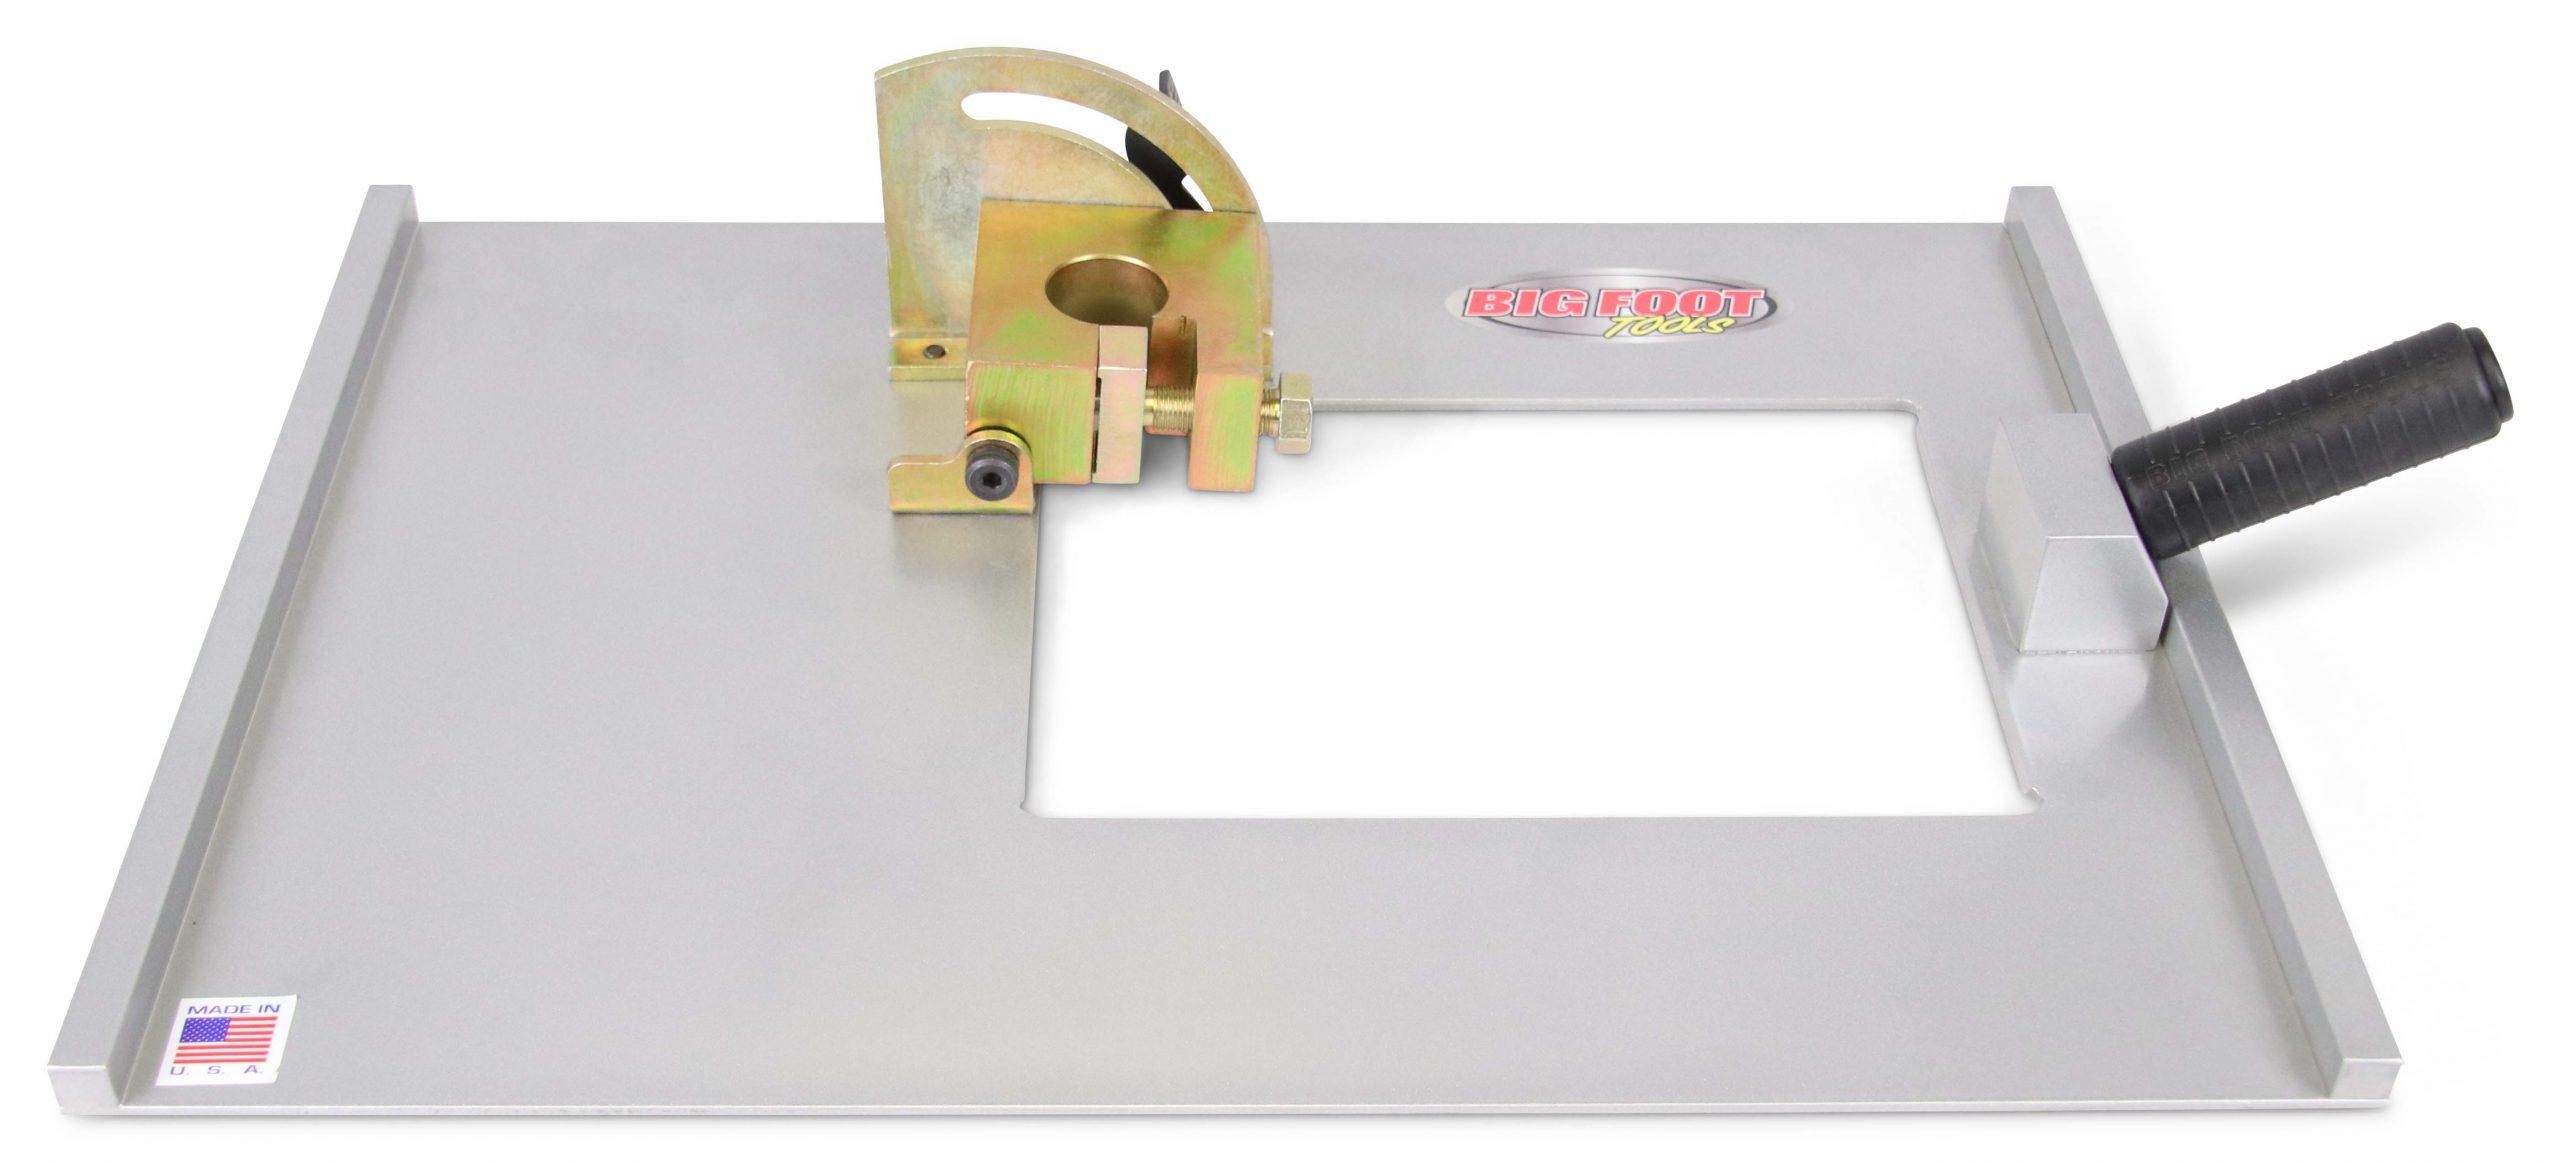 CS-75HCXL - Head Cutter XL